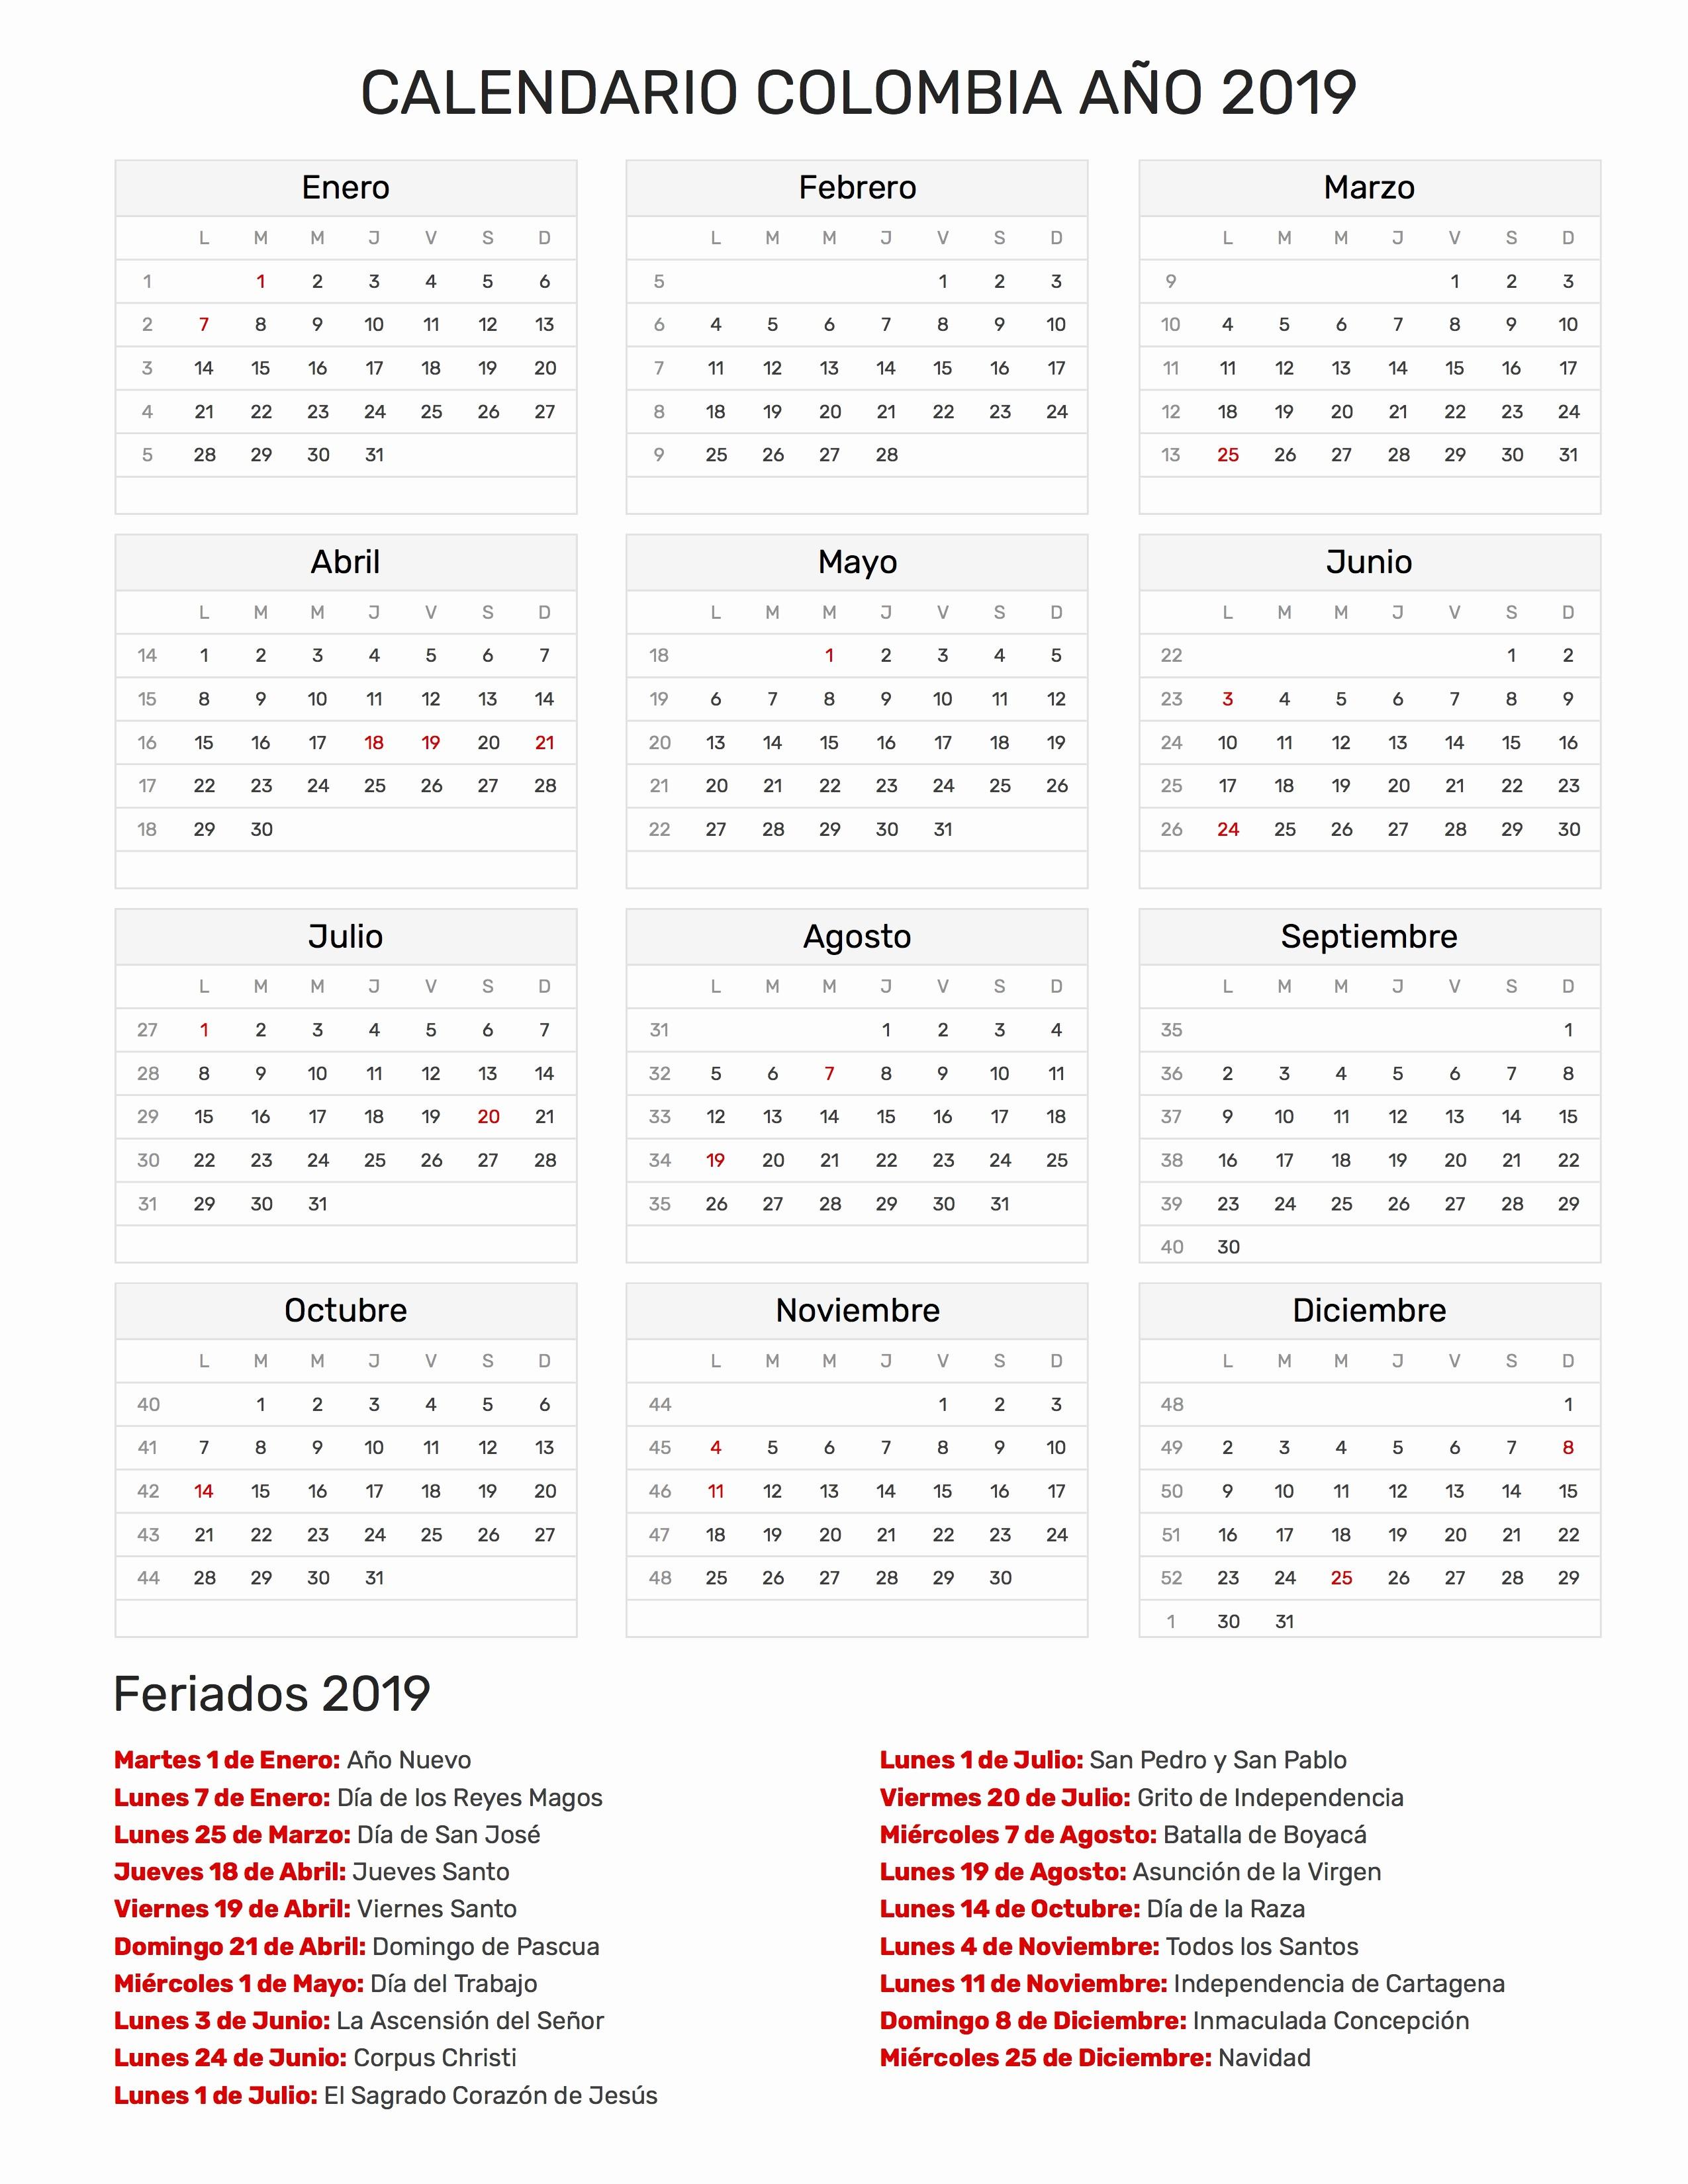 Calendario Laboral 2019 Carnaval Más Caliente Calendario Dr 2019 Calendario Colombia Ano 2019 Feriados Of Calendario Laboral 2019 Carnaval Más Arriba-a-fecha Excmo Ayuntamiento De Béjar – Website Oficial Del Excmo